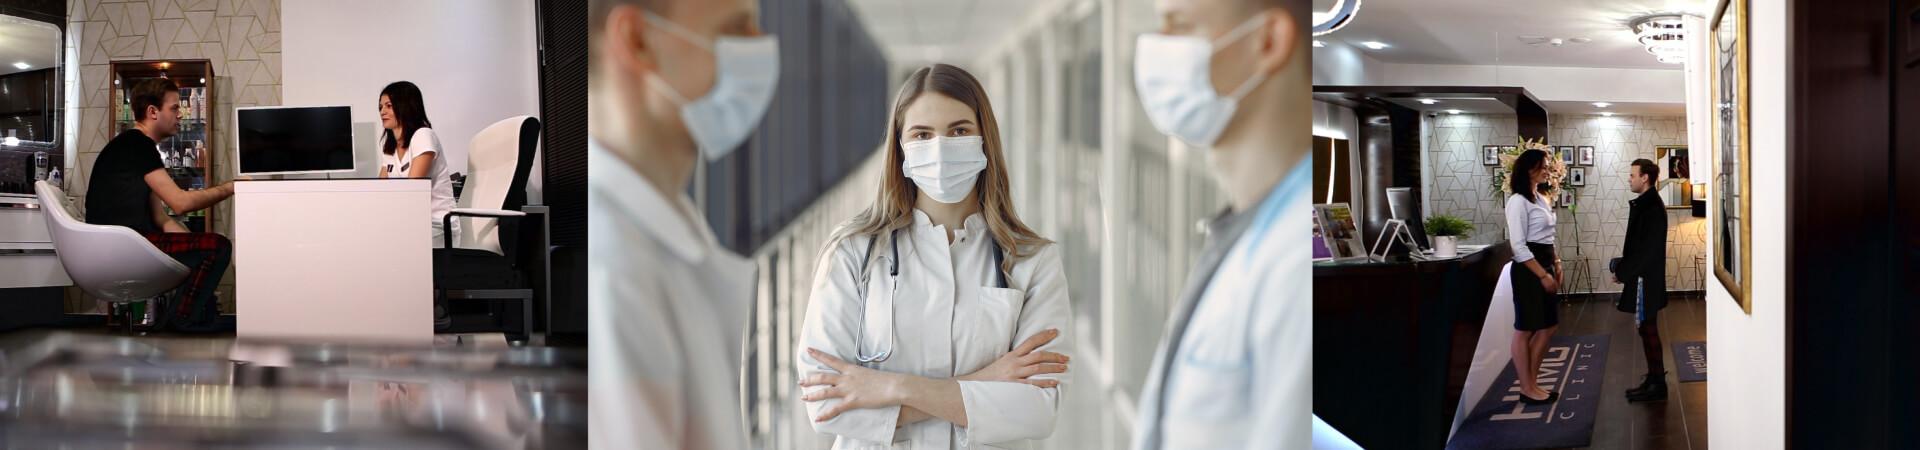 Endokrinológus szakorvos állás